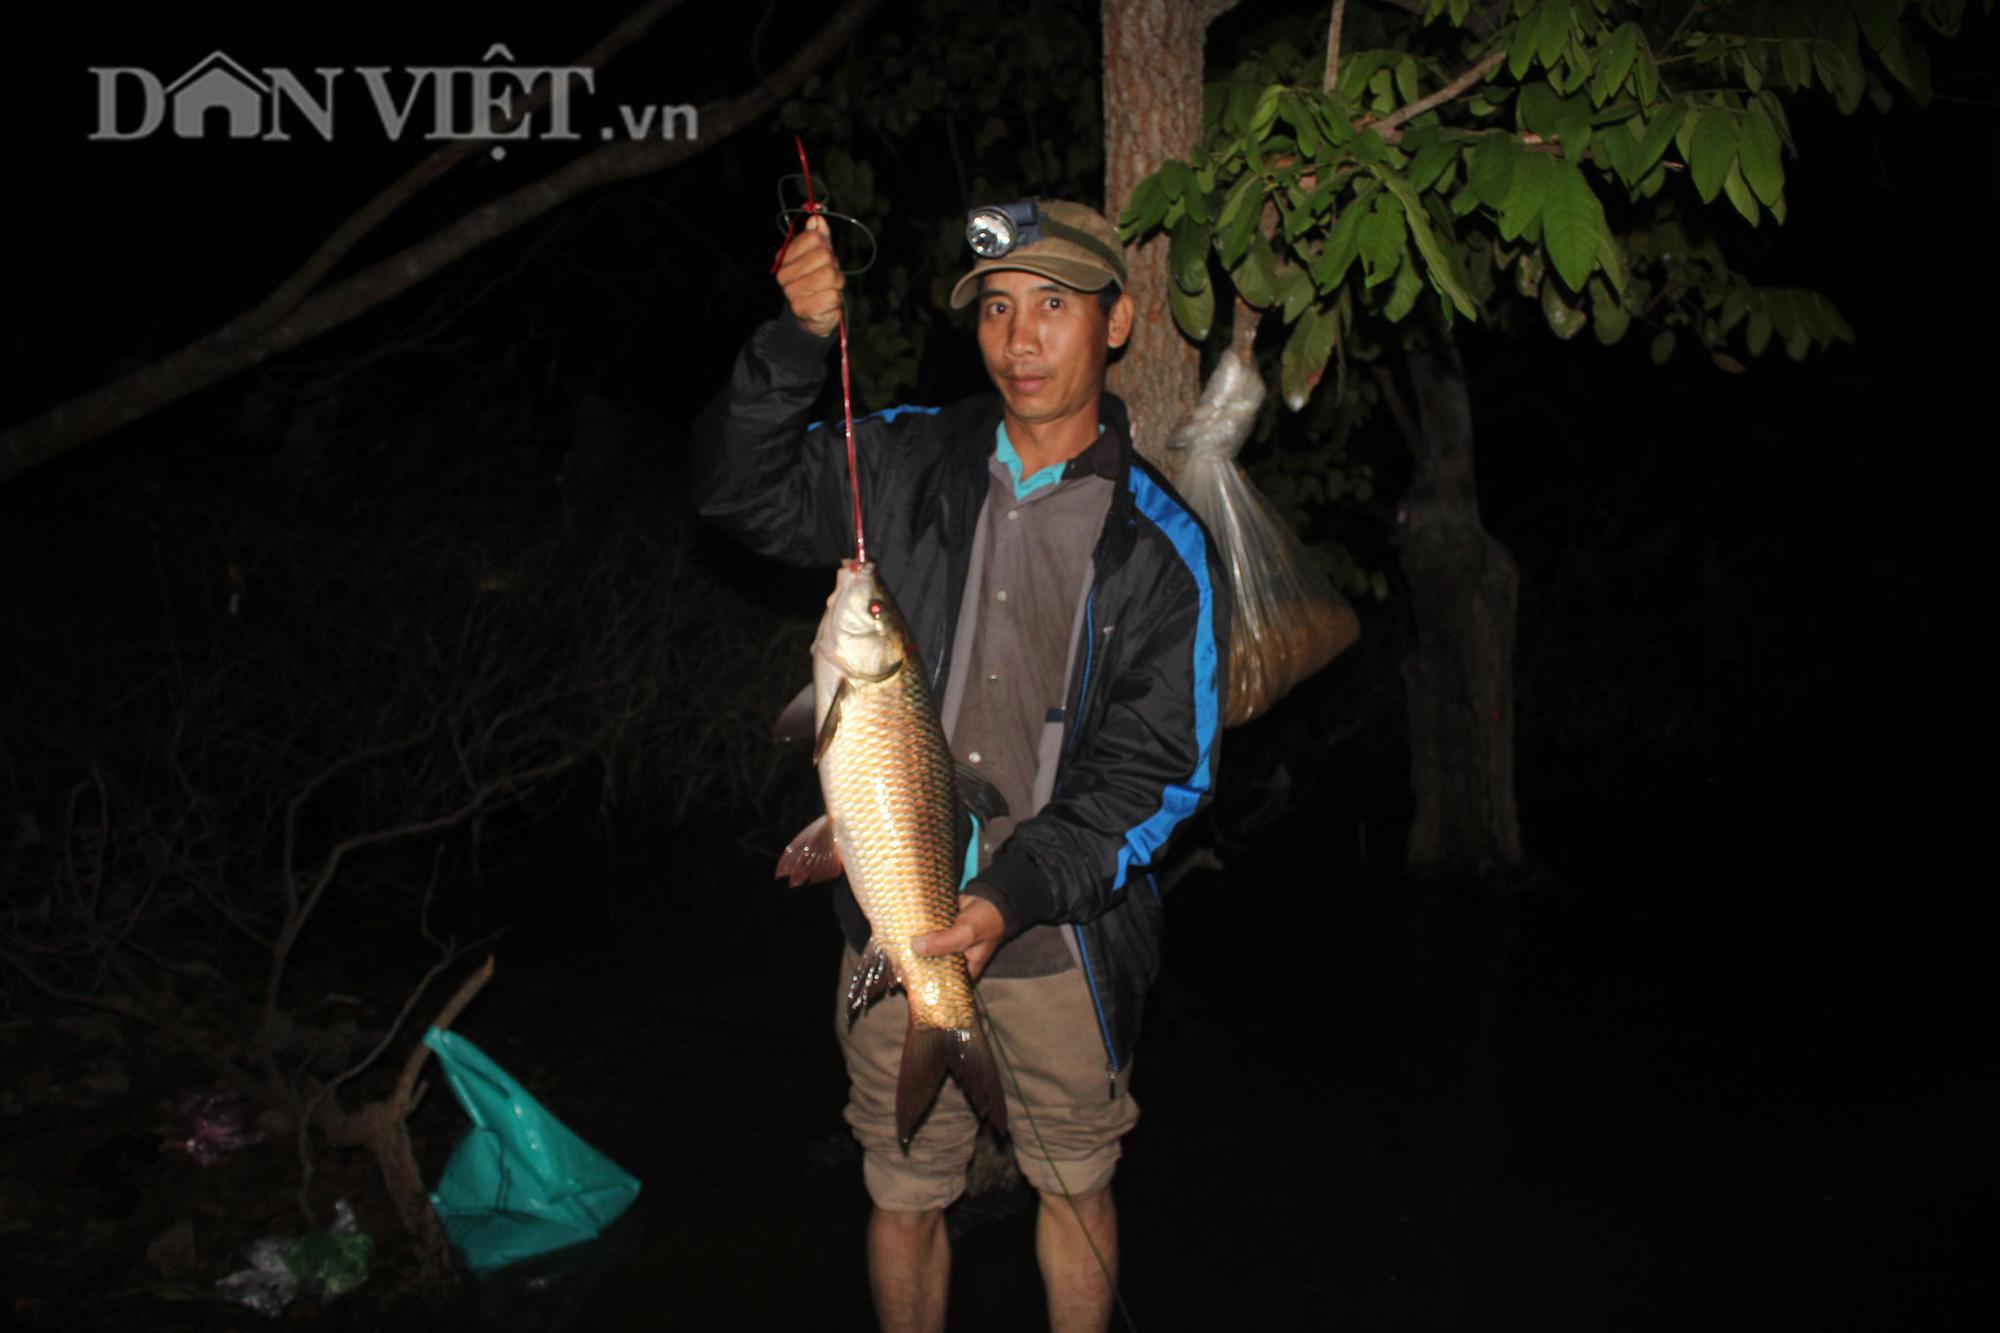 Trắng đêm cùng thợ câu săn cá khủng giữa rừng - Ảnh 4.